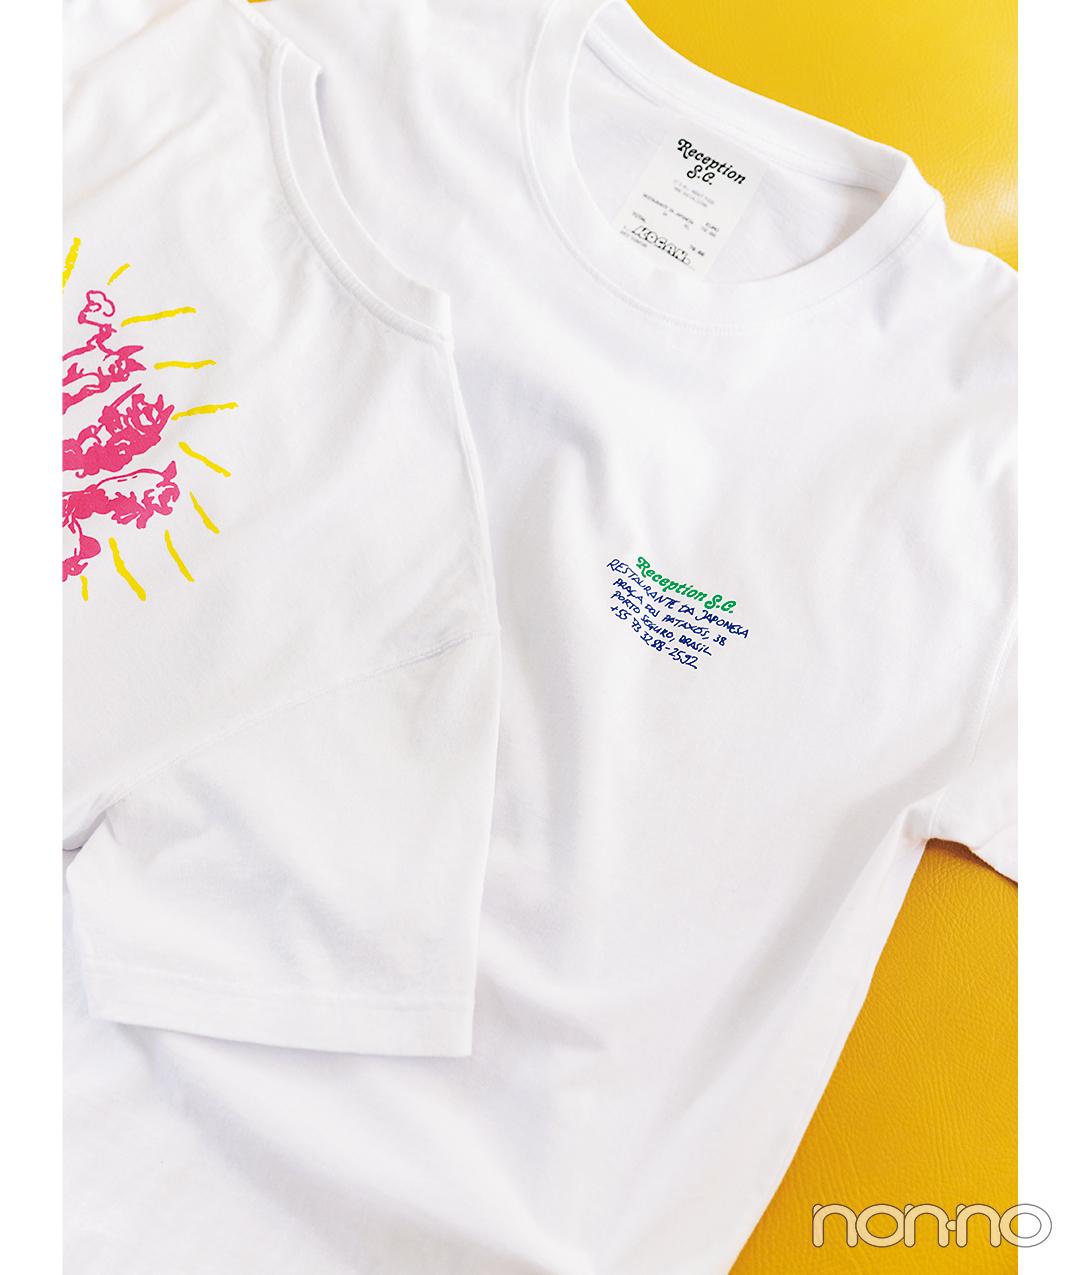 ReceptionのショップTシャツ